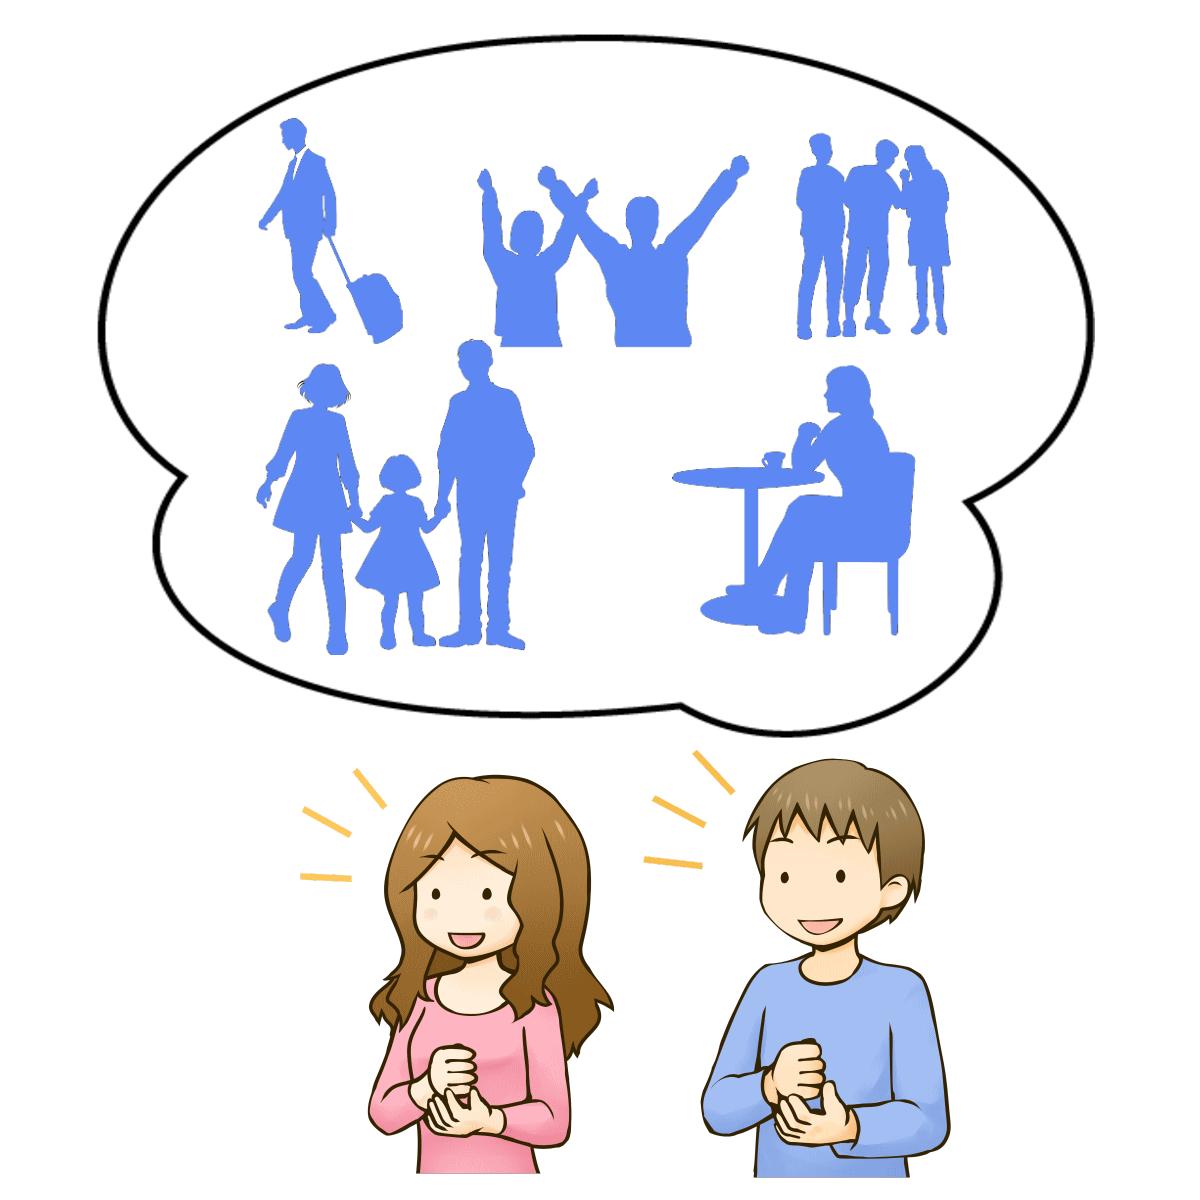 アダルトチルドレン克服体験談のイメージ